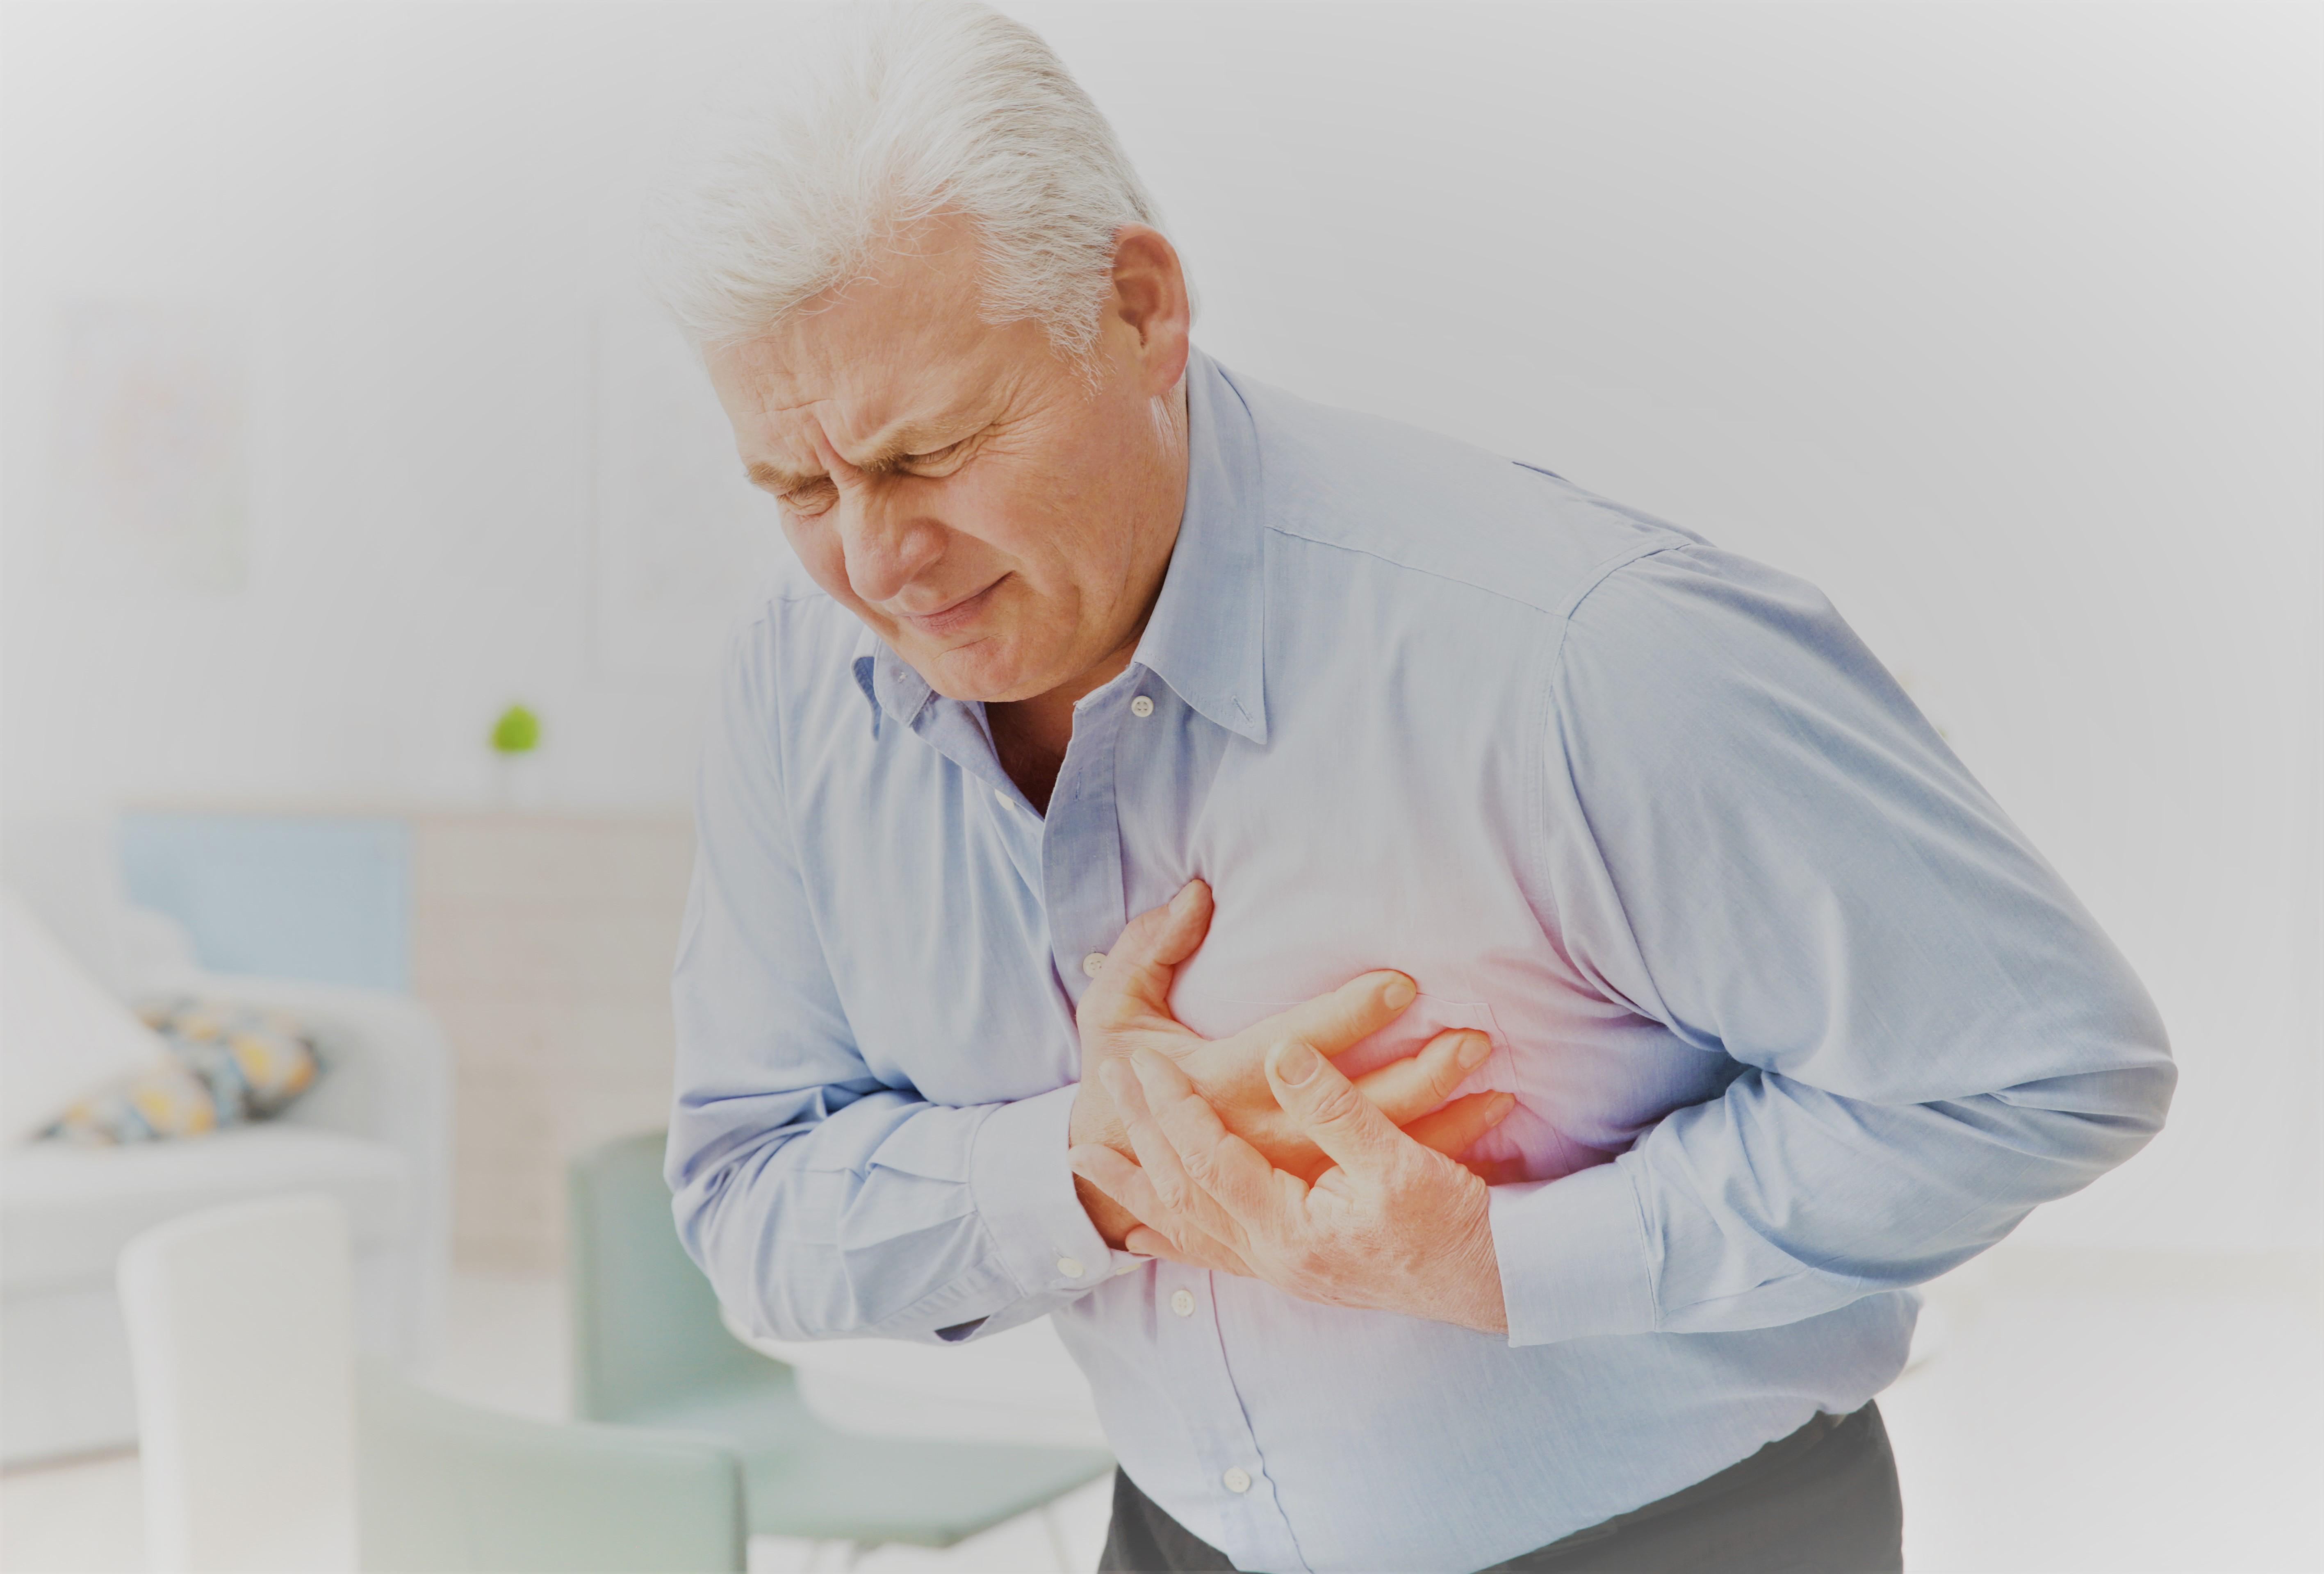 hogyan lehet enyhíteni a fájó ízületeket rheumatoid arthritis